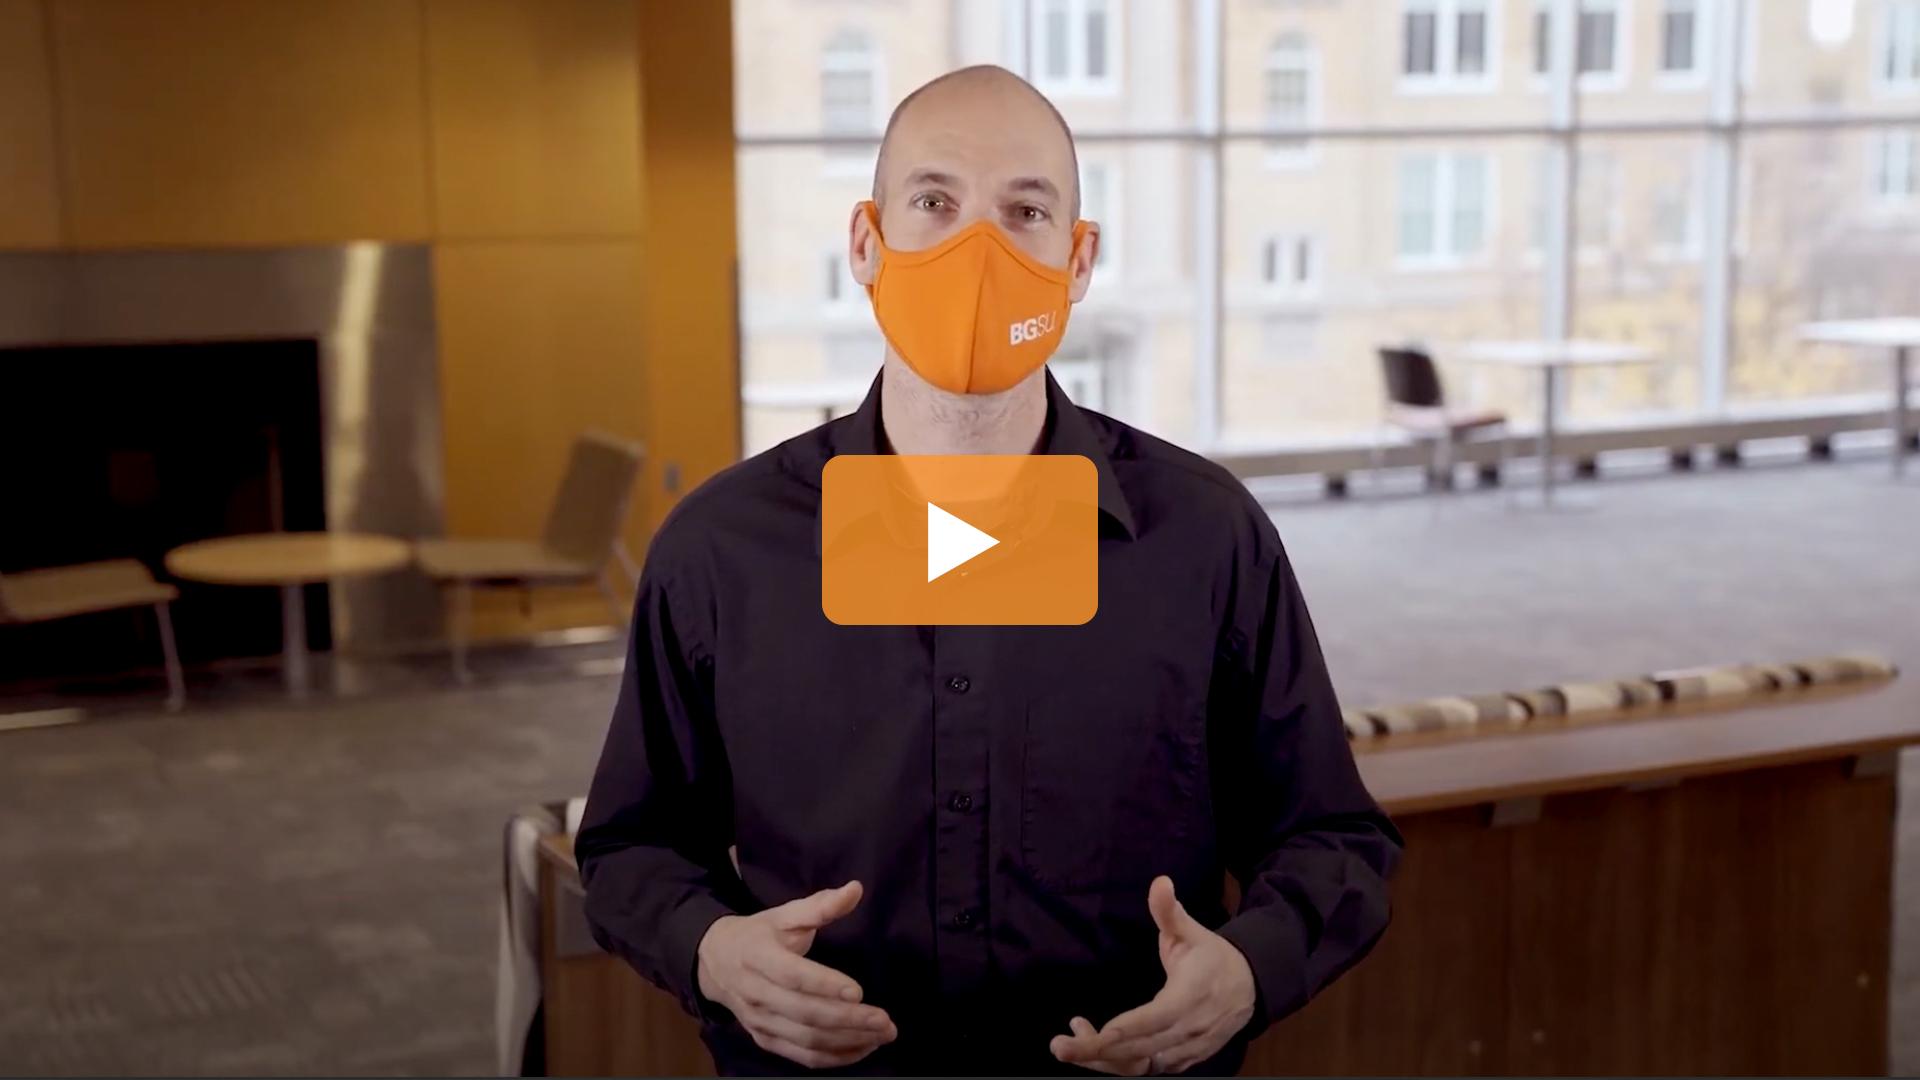 Watch BGSU Chief Health Officer Ben Batey's October 28 Video Update